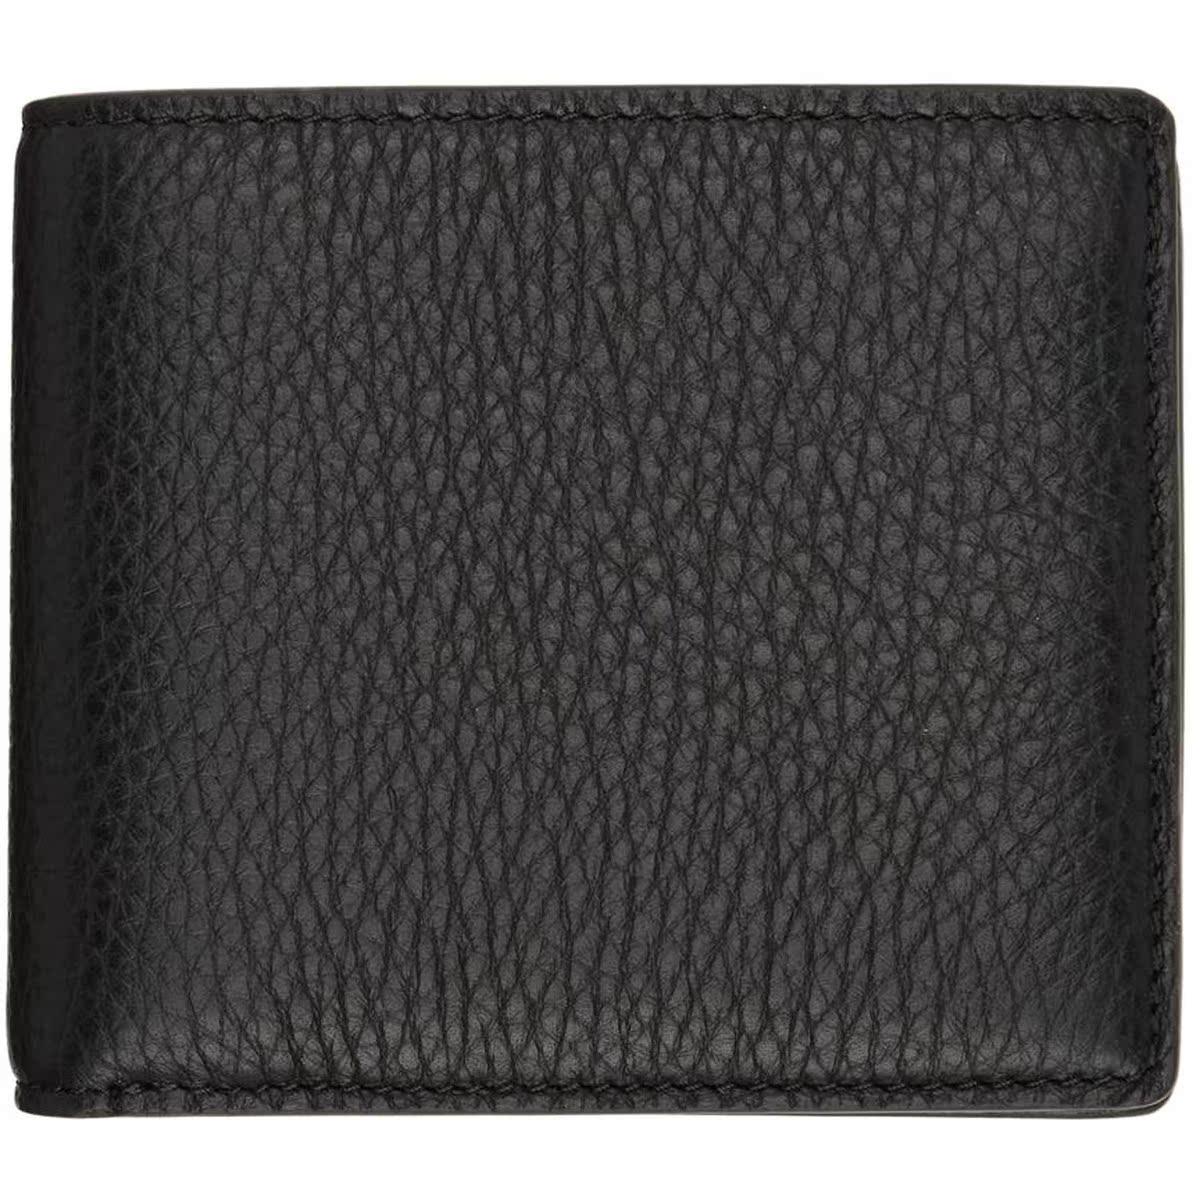 代购Maison Margiela 黑色鹿皮双折钱包2021新款奢侈品复古包包